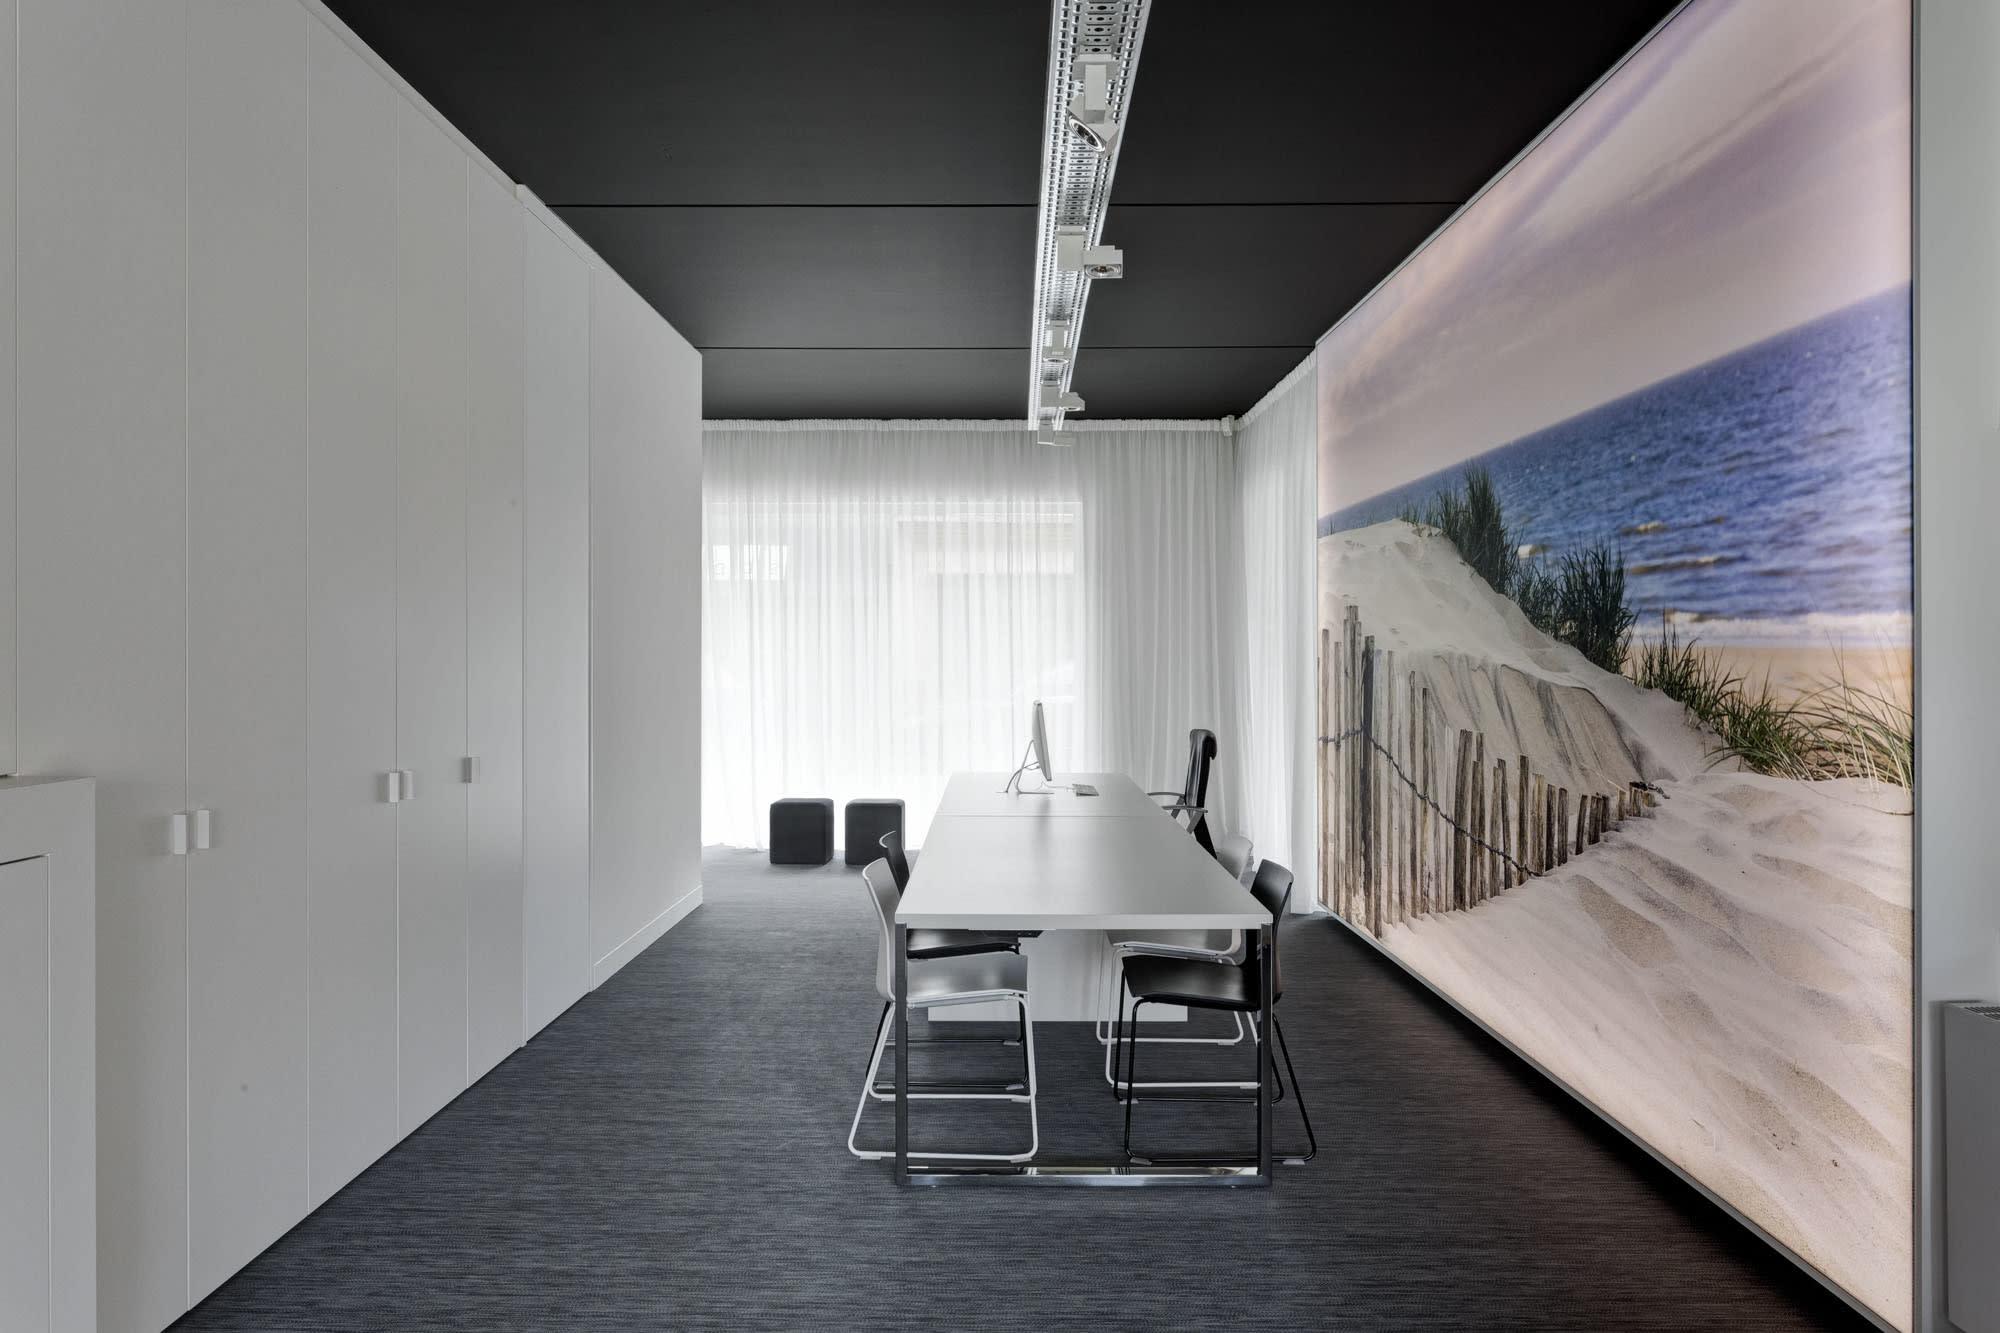 Konferenzraum mit Tisch und Gemälde an der Wand mit Strand